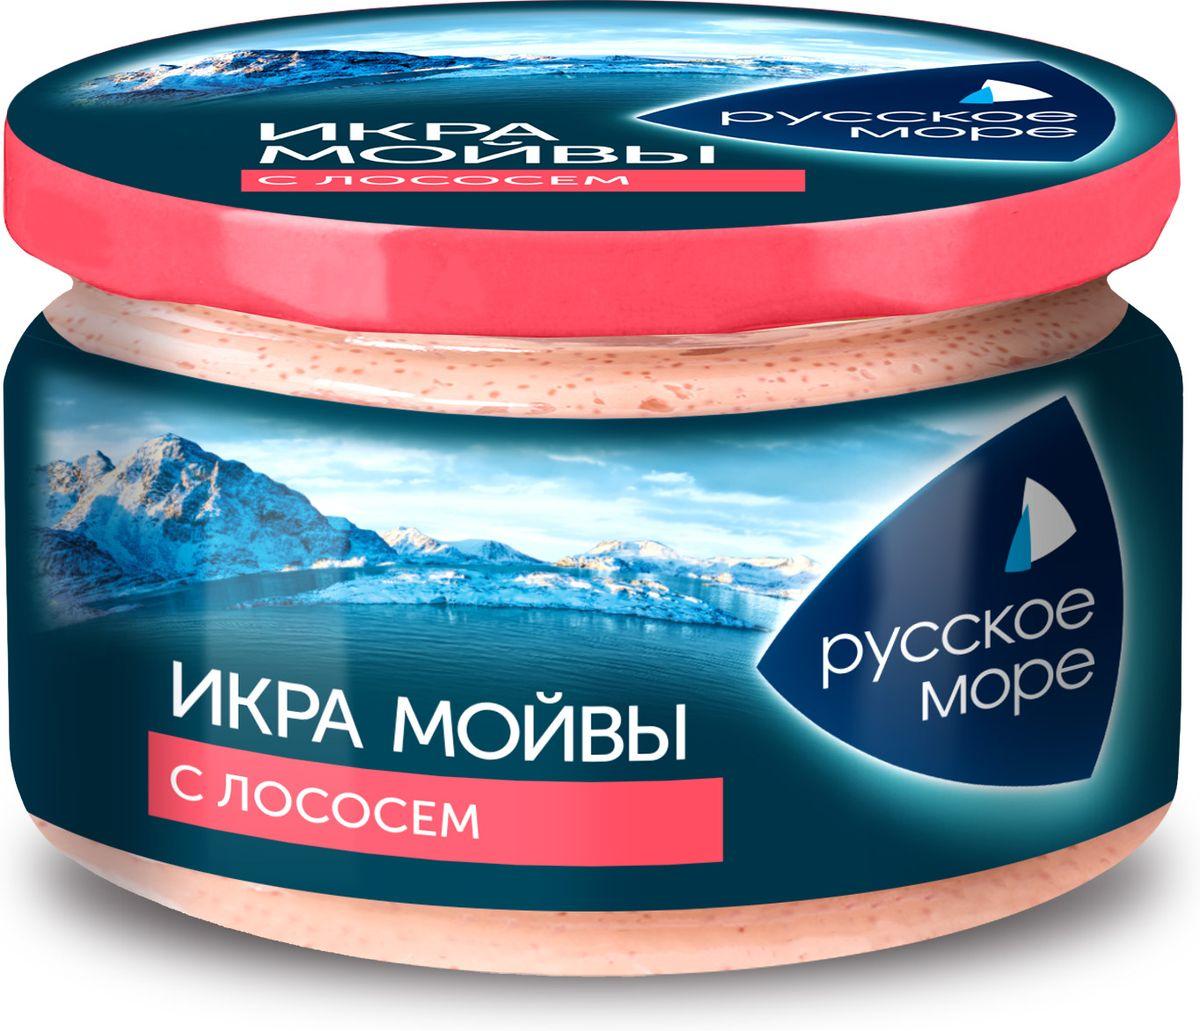 Русское Море Икра Мойвы с лососем, в майонезном соусе, 165 г икра сига купить в москве